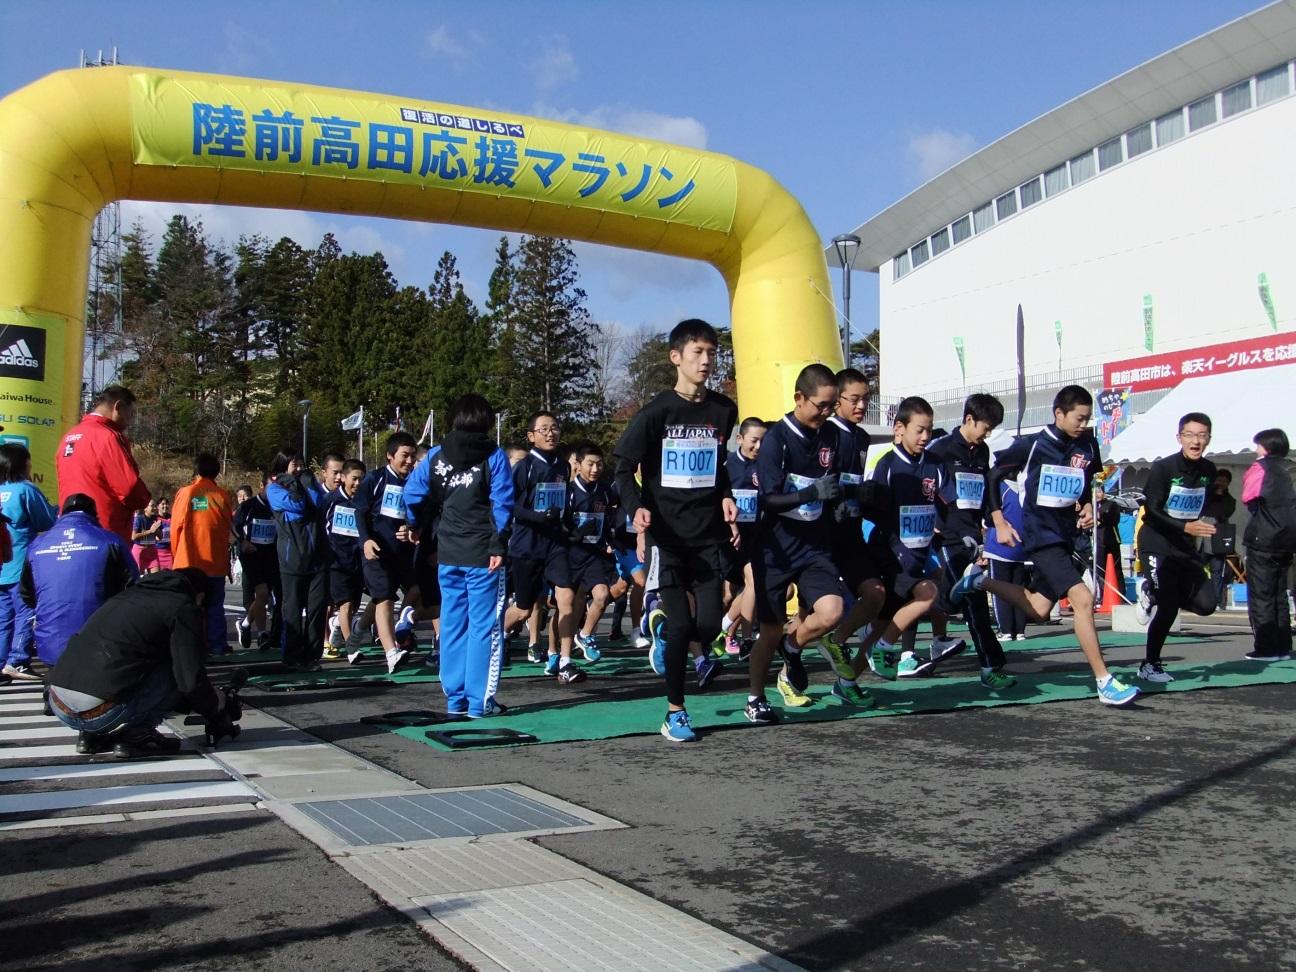 復活の道しるべ 2020 陸前高田復興応援ありがとうマラソン